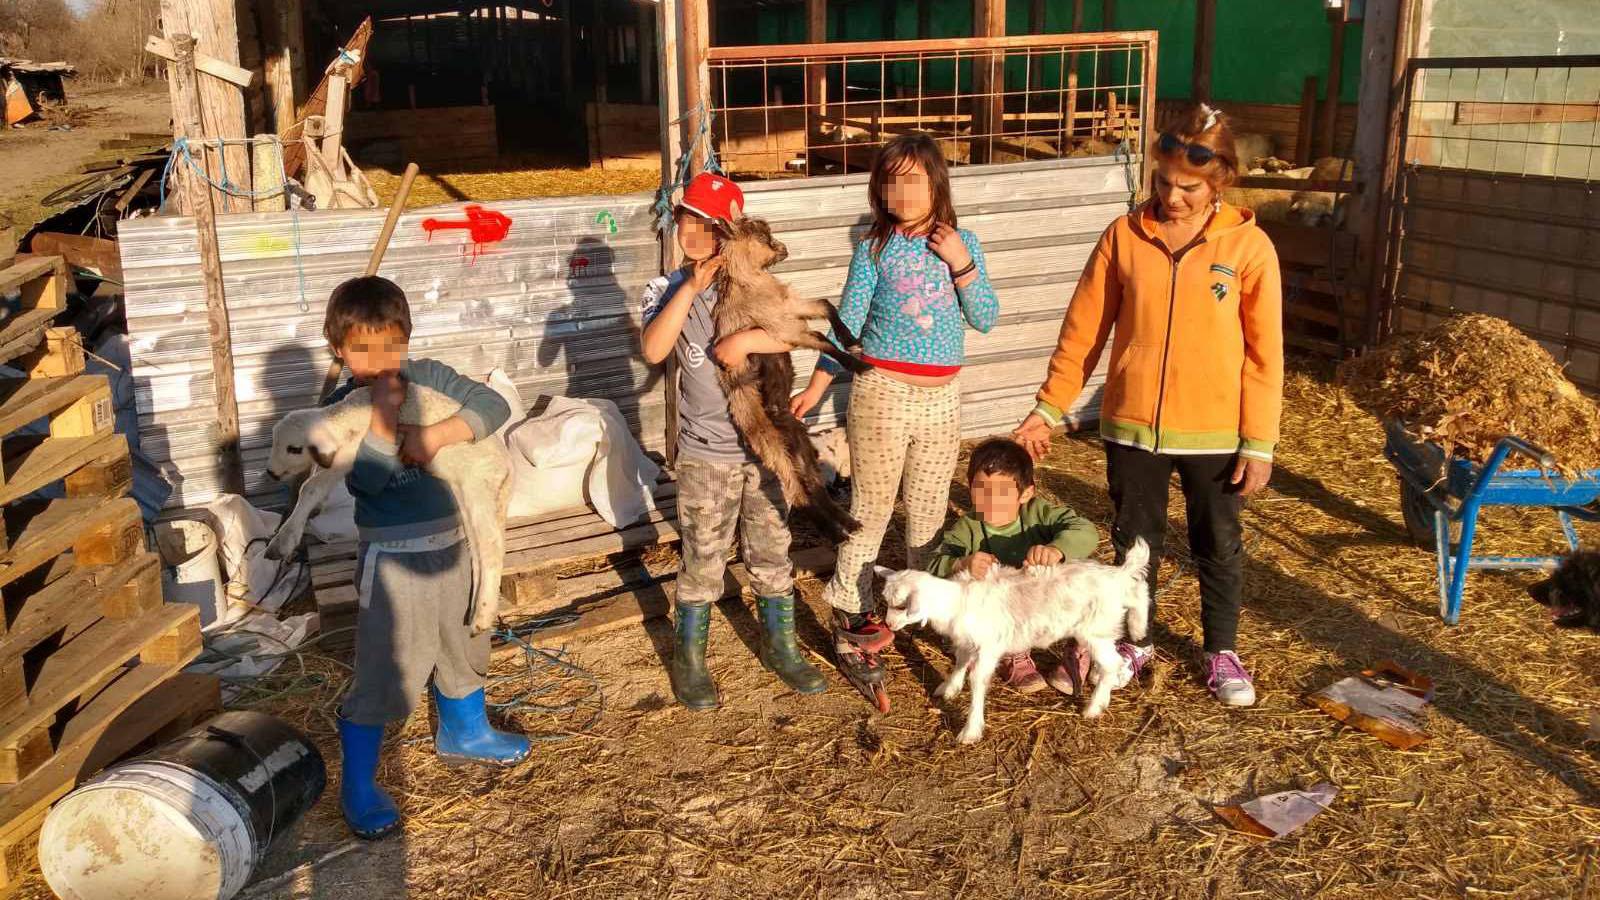 Mališani koji čuvaju ovce i njihova majka